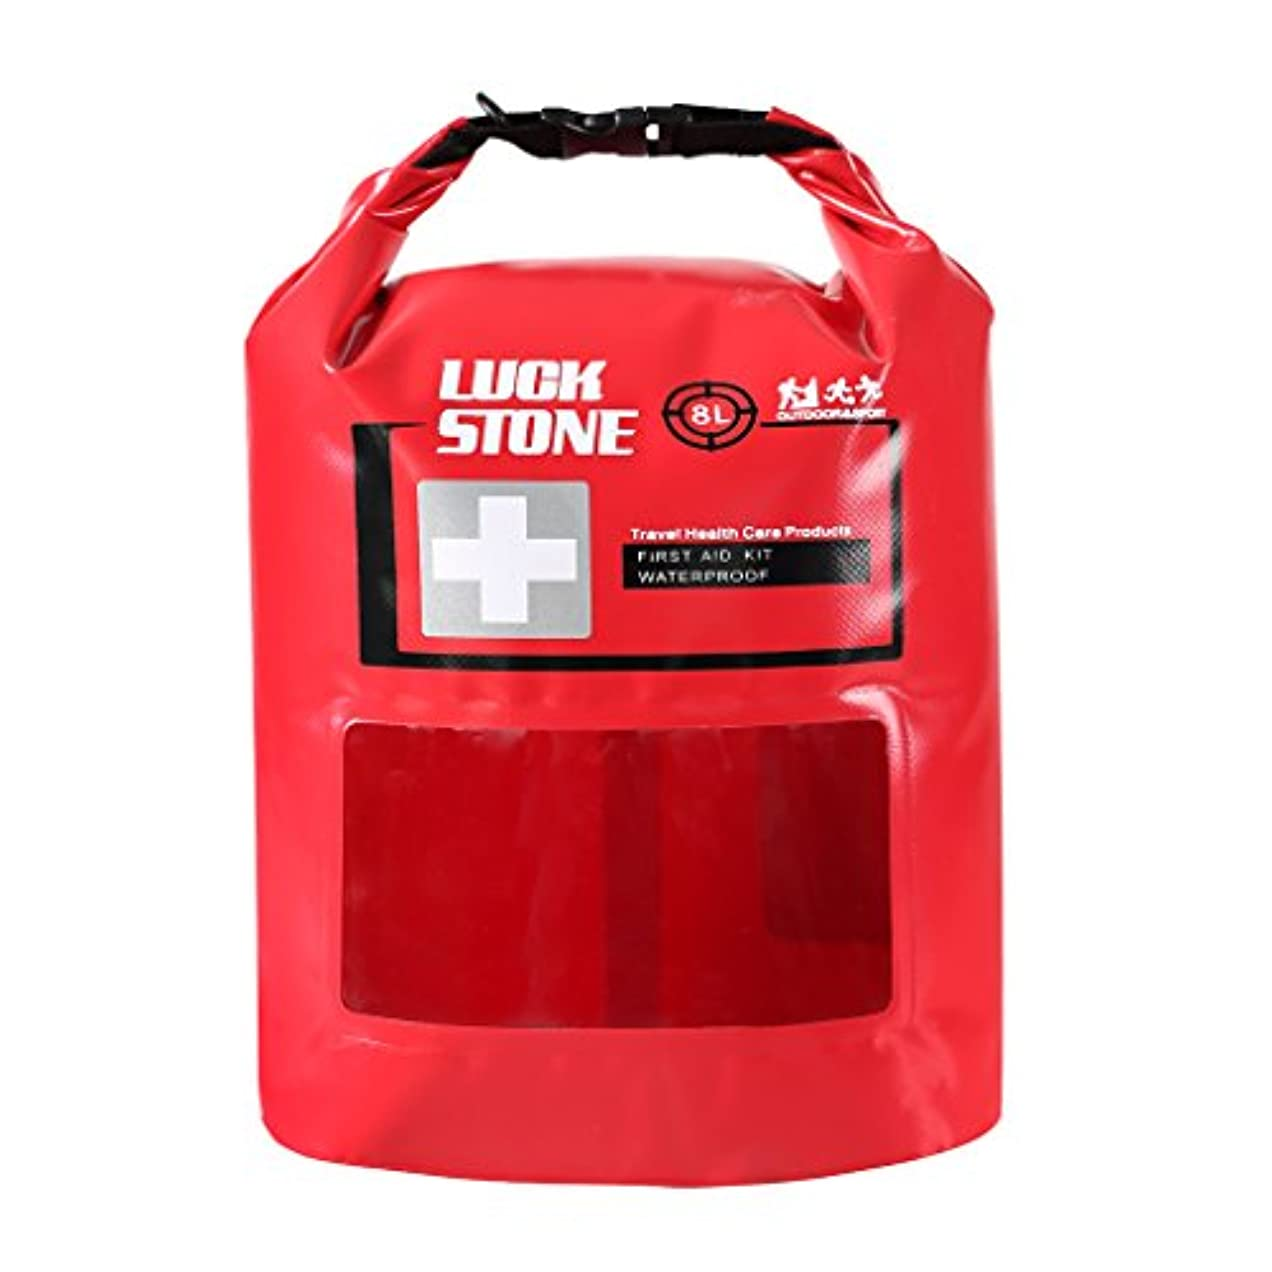 システムシンポジウム合理的防水 ファーストエイドキット ドライバッグ ポーチ 緊急 応急処置